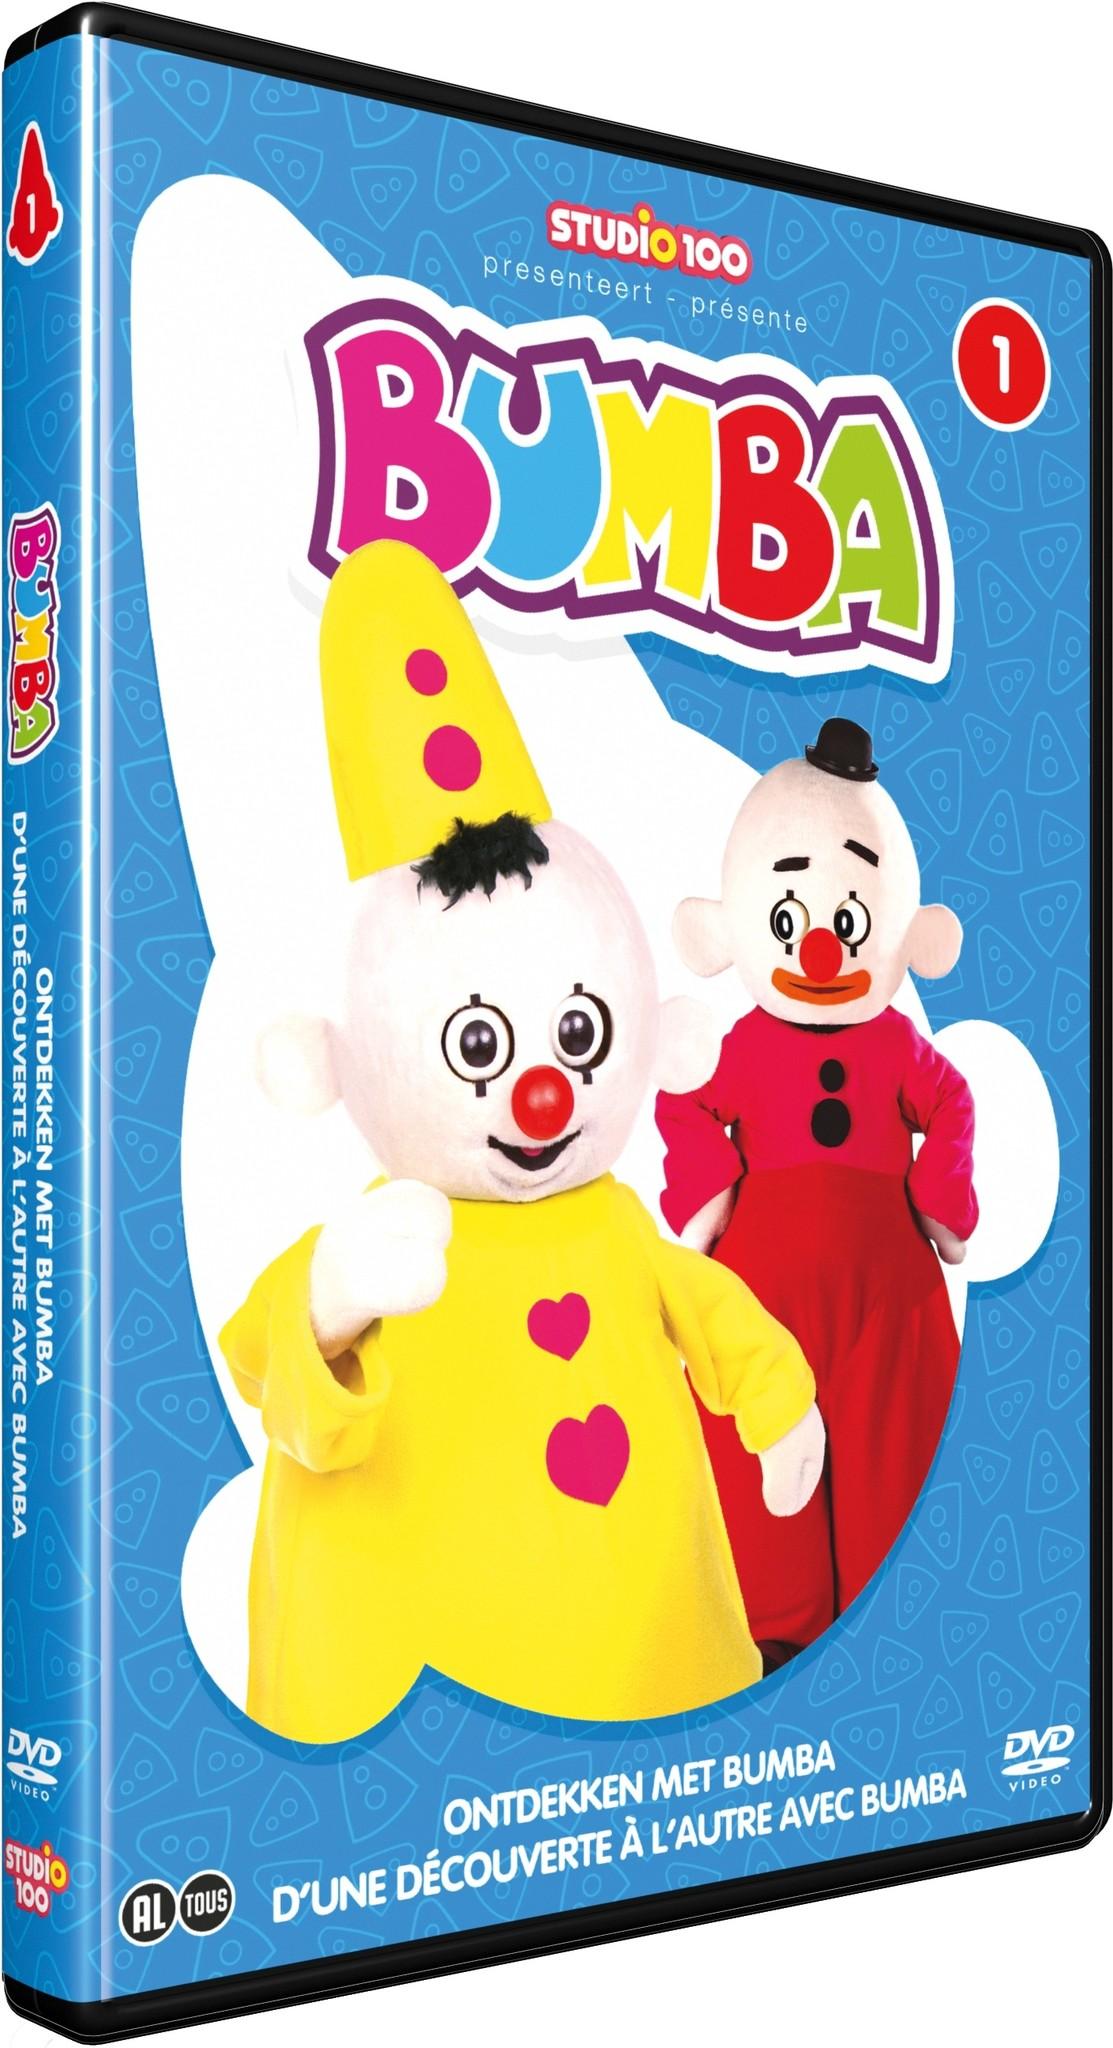 Dvd Bumba: ontdekken met Bumba